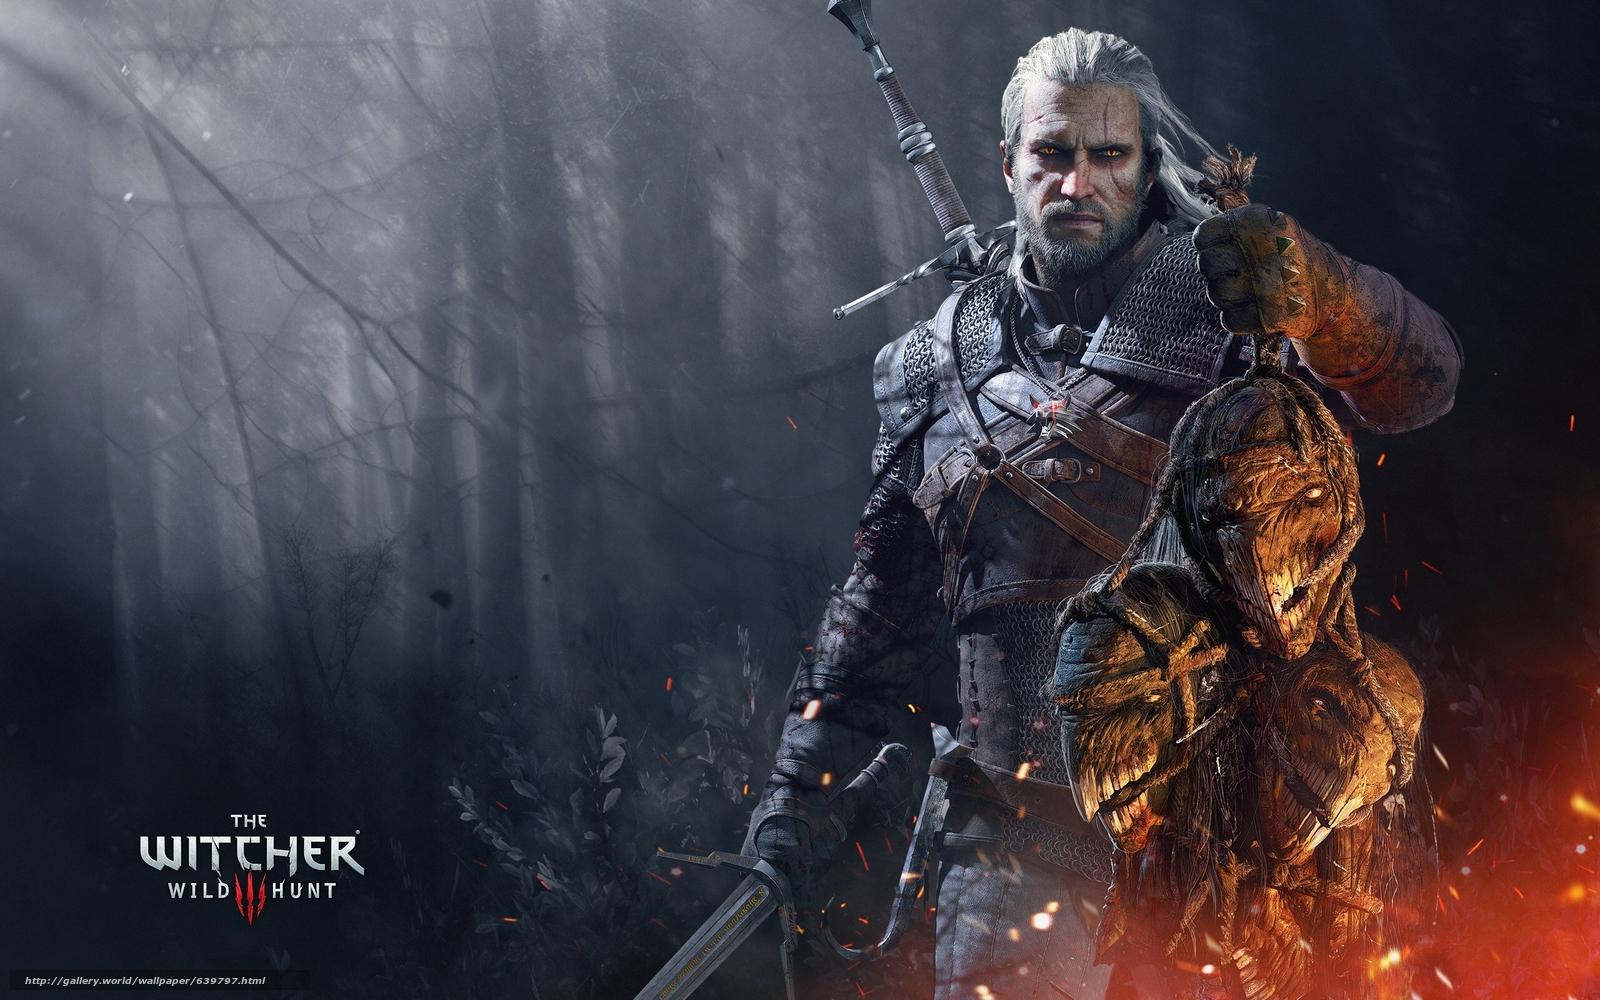 pobra tapety Wiedźmin 3: Dziki Gon,  Wiedźmin 3,  Dzikie polowanie,  Geralt Darmowe tapety na pulpit rozdzielczoci 2560x1600 — zdjcie №639797